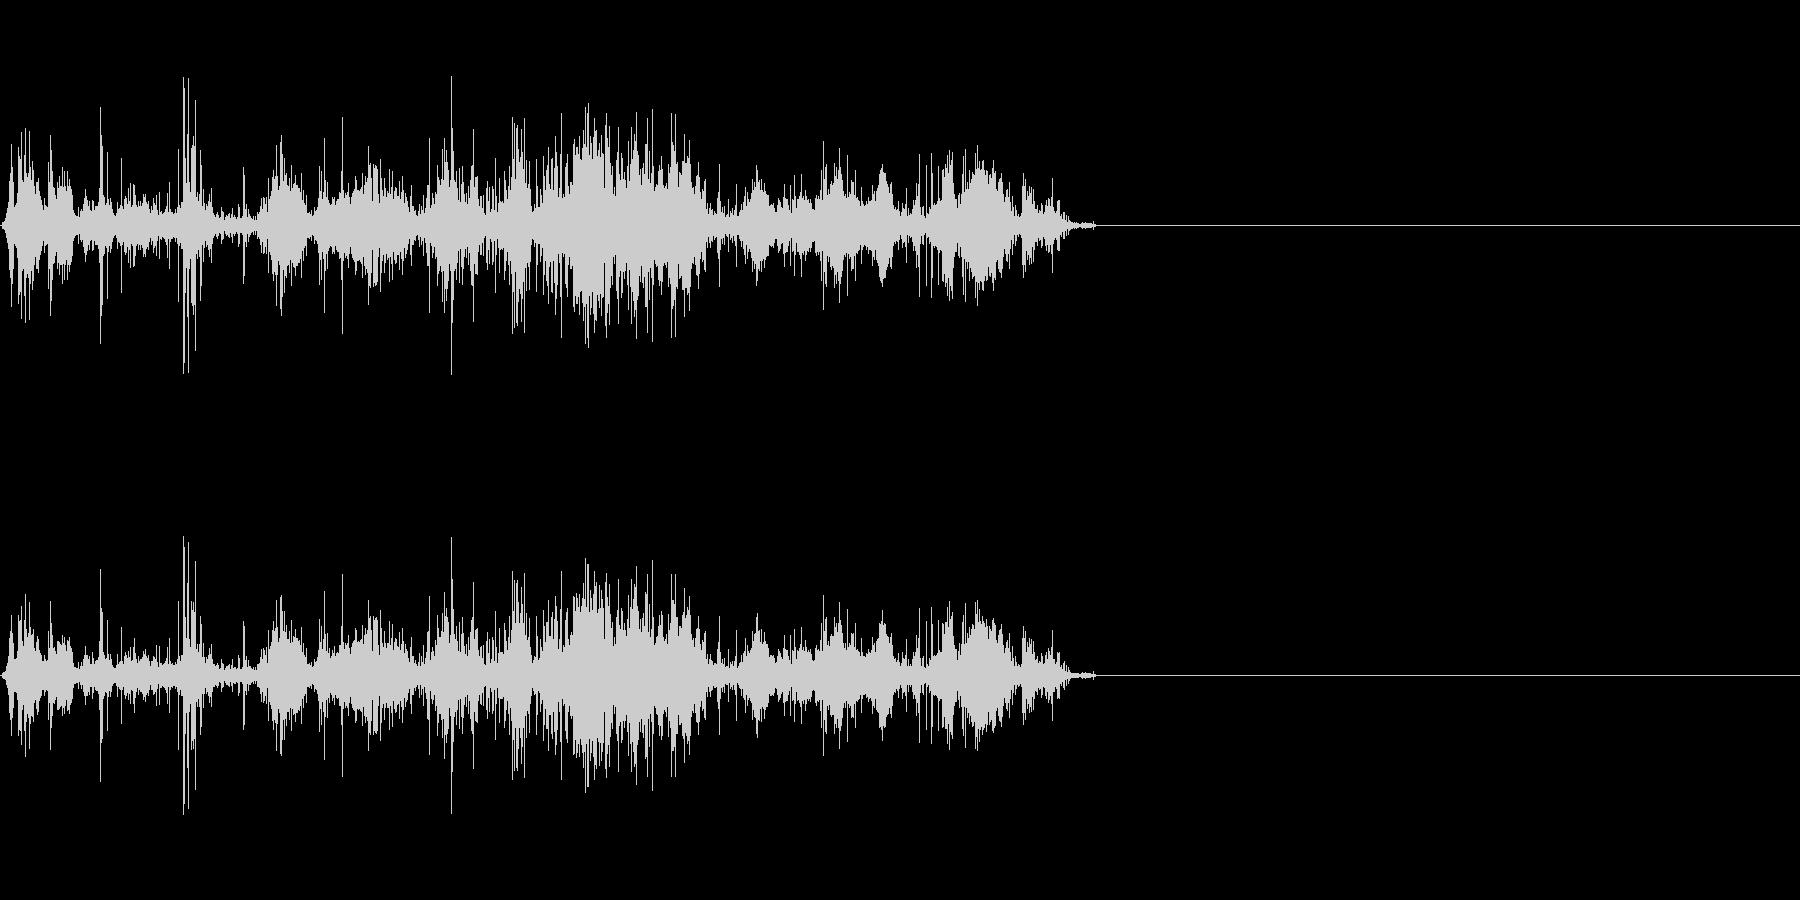 岩が崩れる音 (2)の未再生の波形